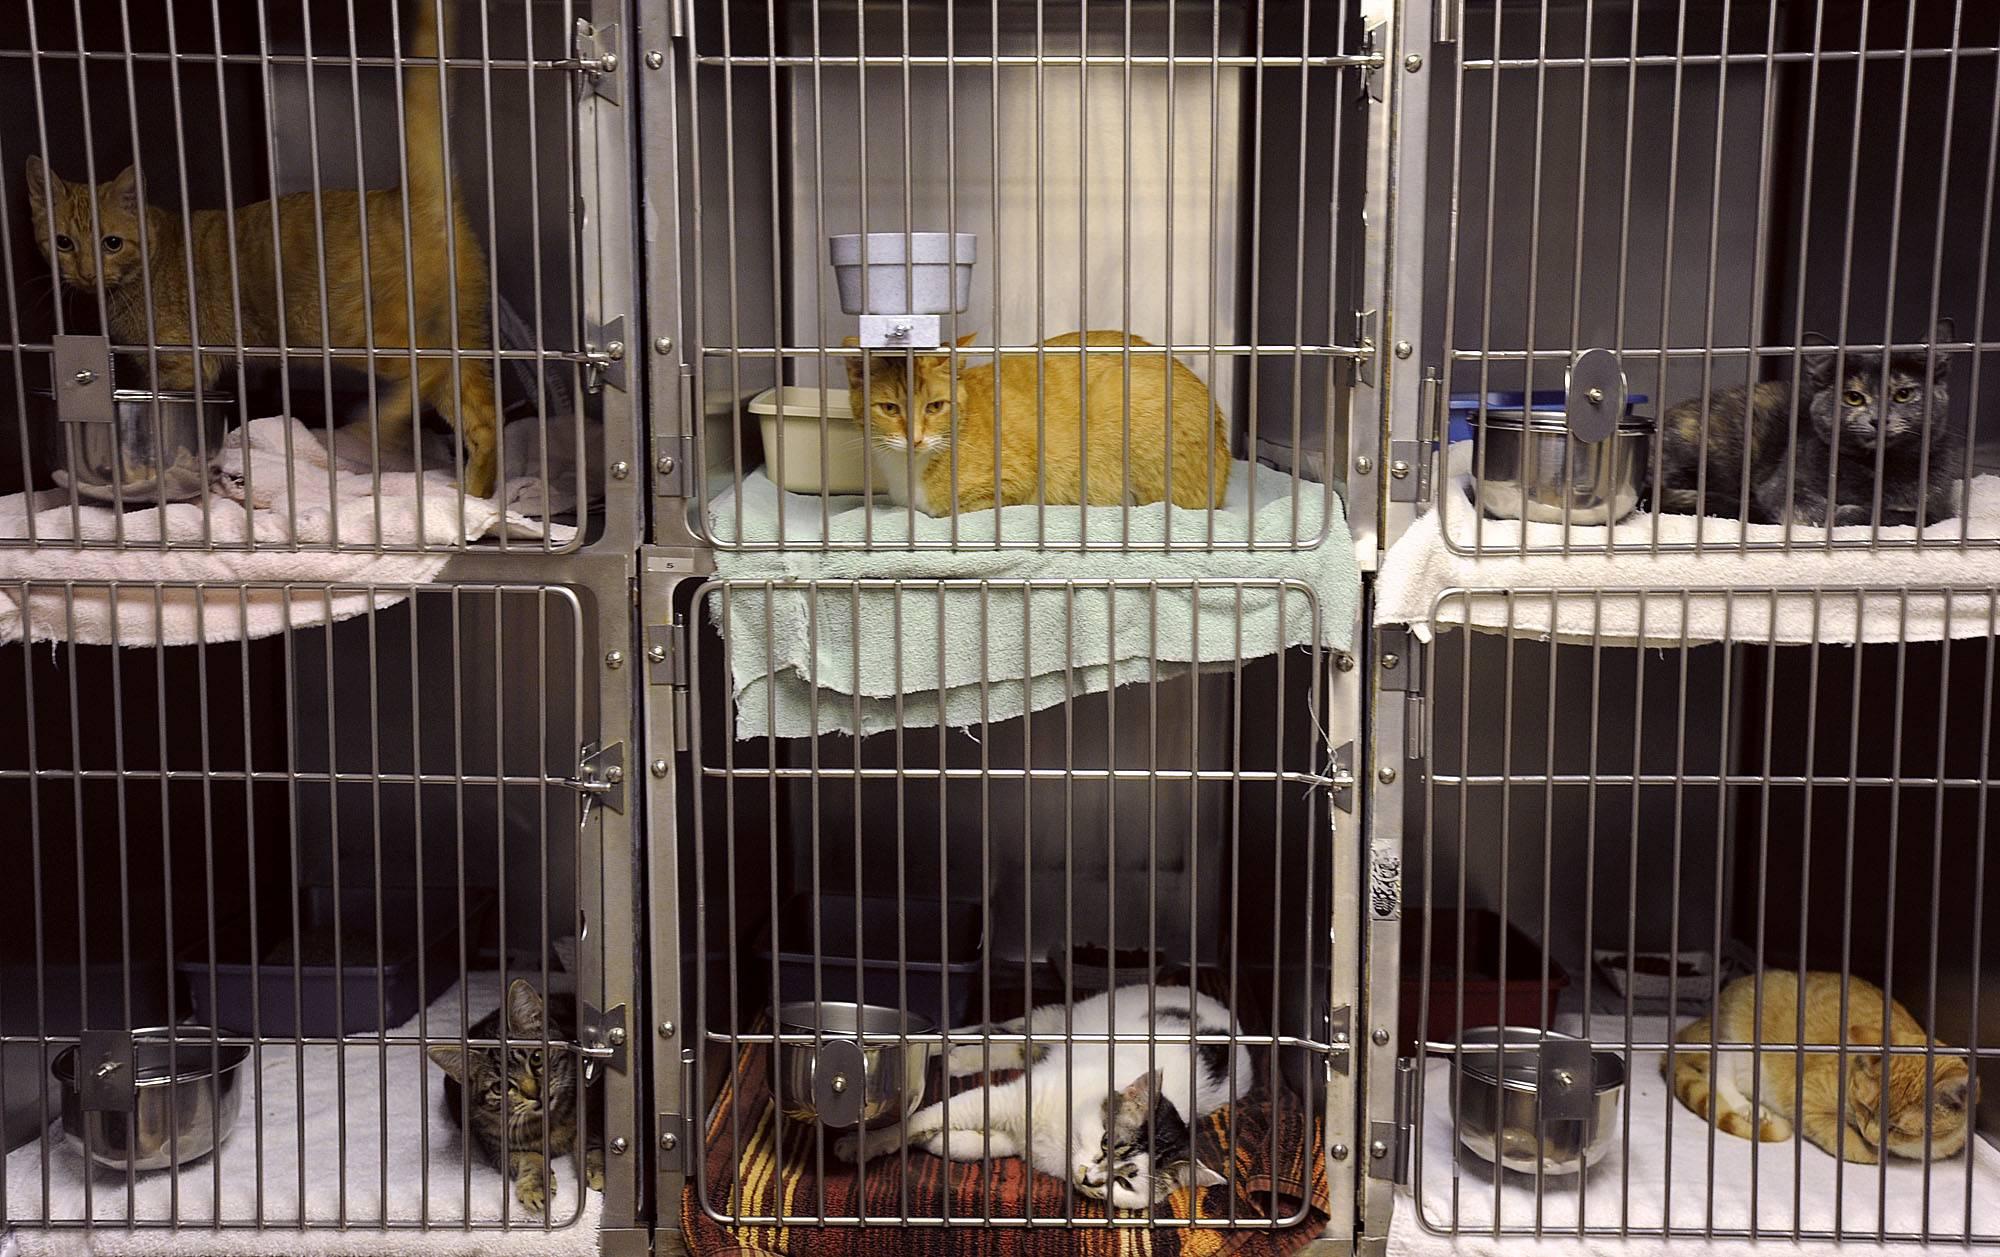 Как начать разводить кошек - разведение породистых кошек как бизнес